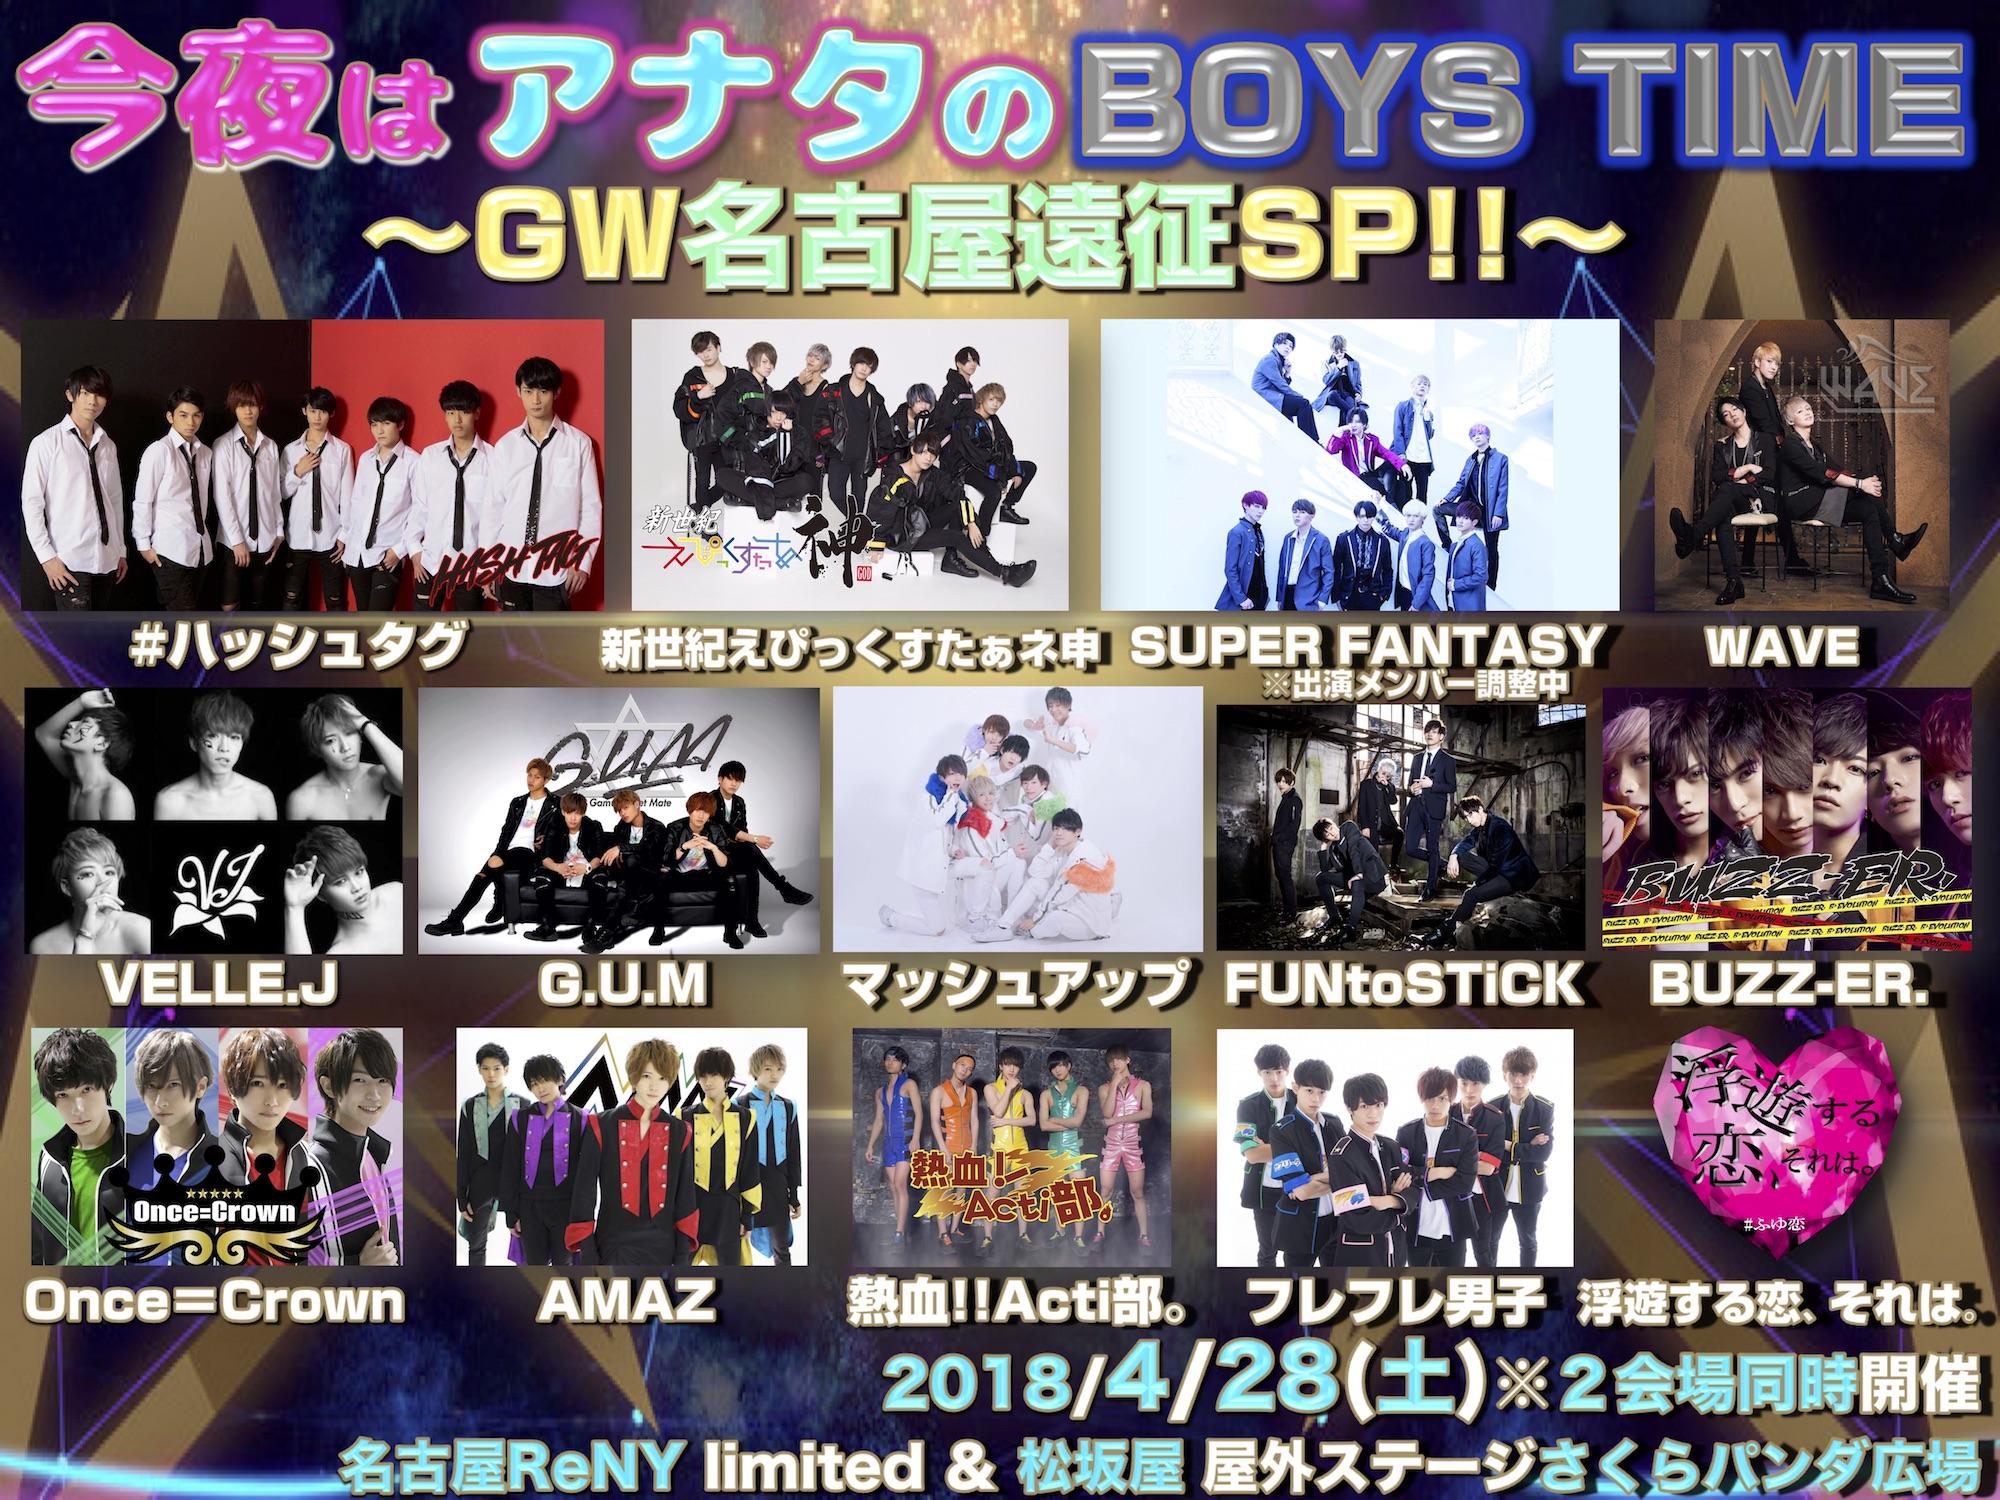 【2部】「今夜はアナタのBOYS TIME 〜GW名古屋遠征SP!!〜」